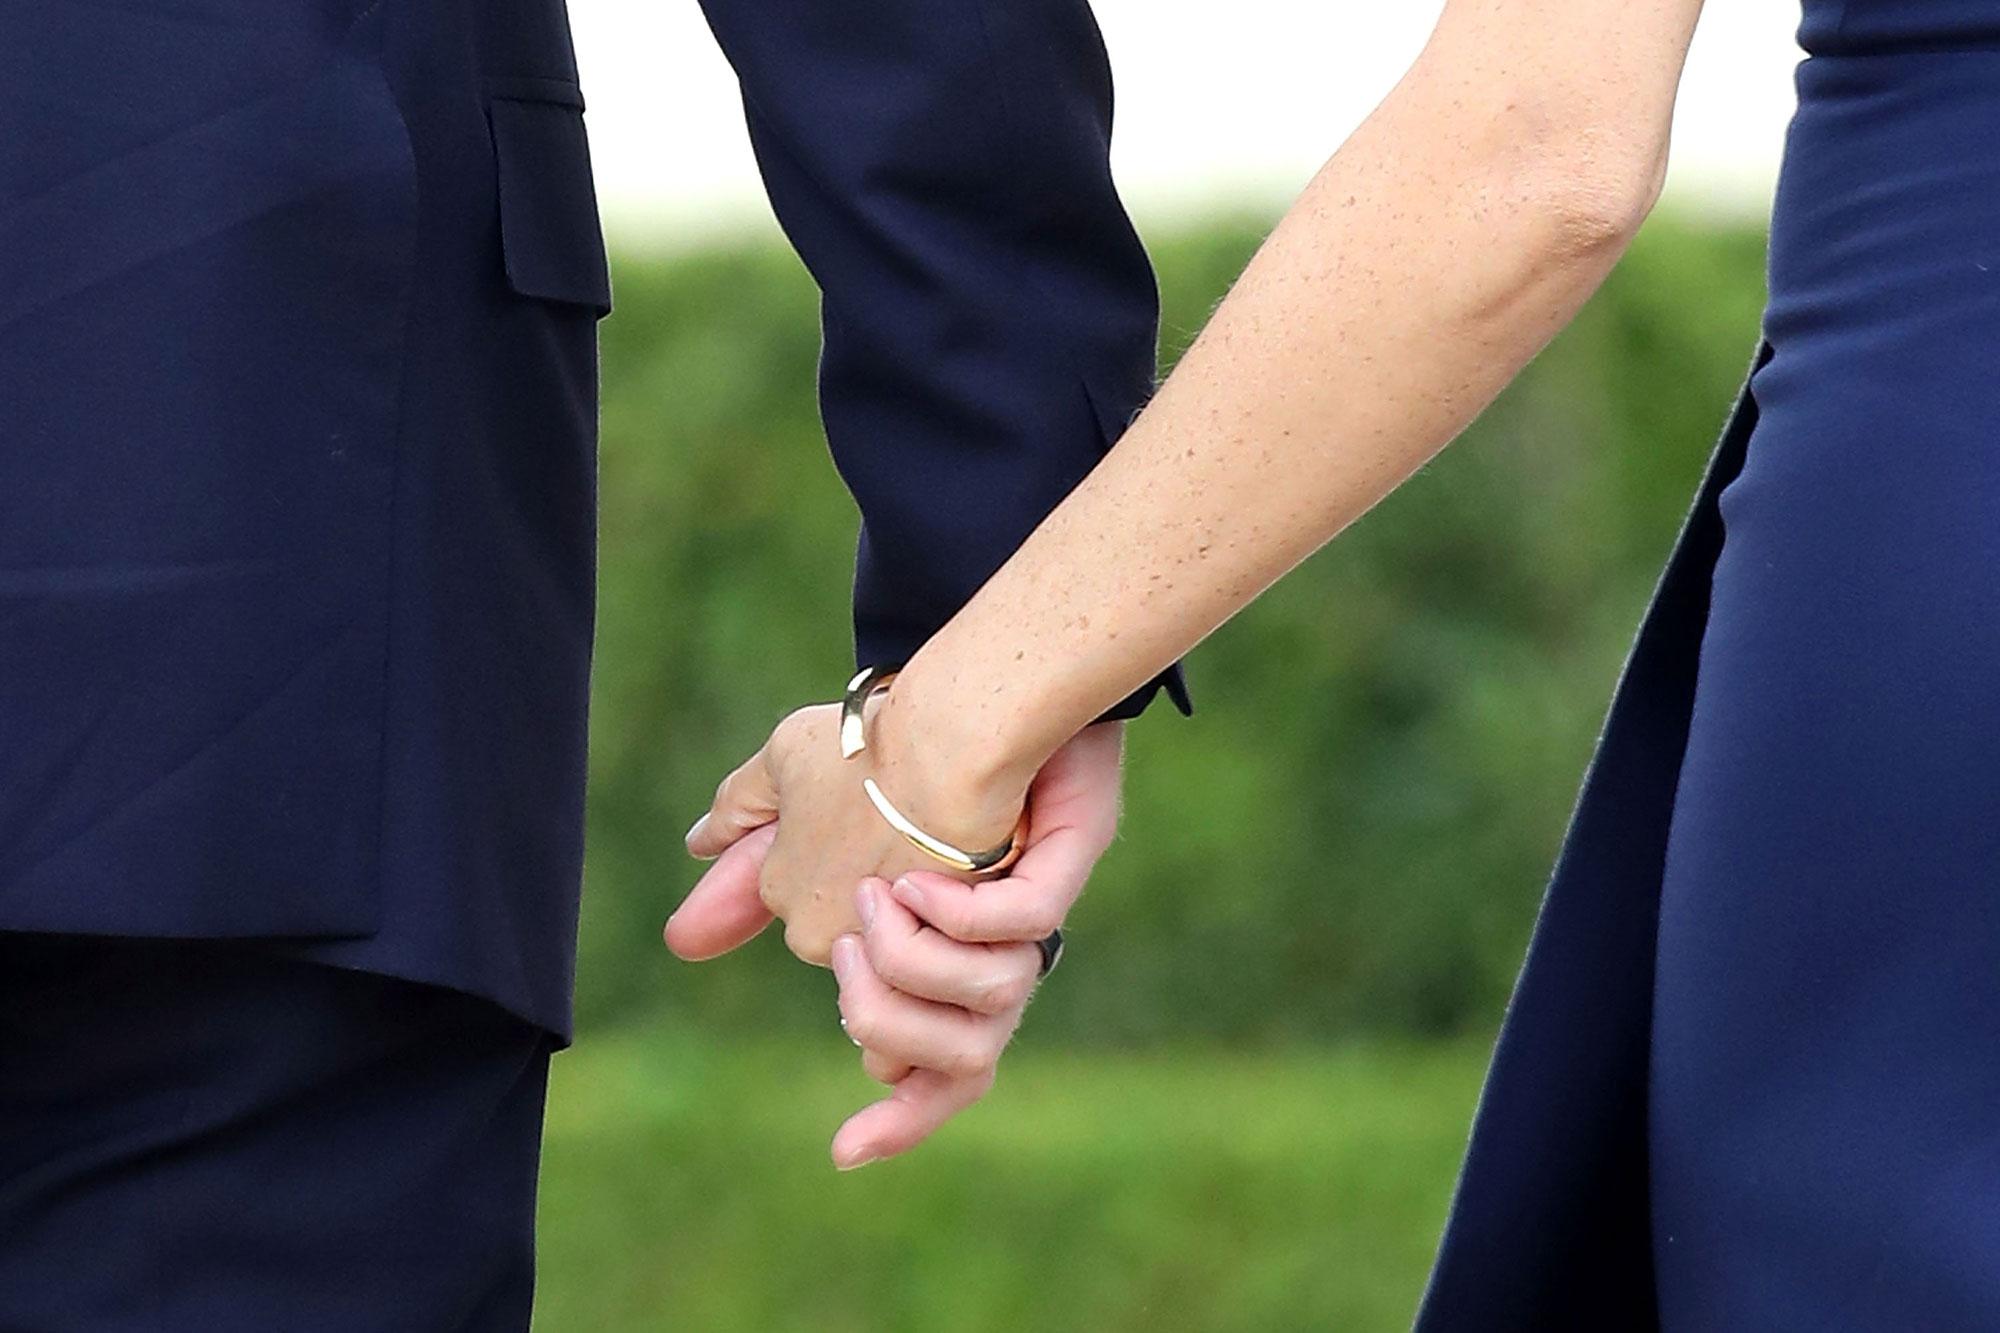 Ảnh nắm tay nhau rất đẹp